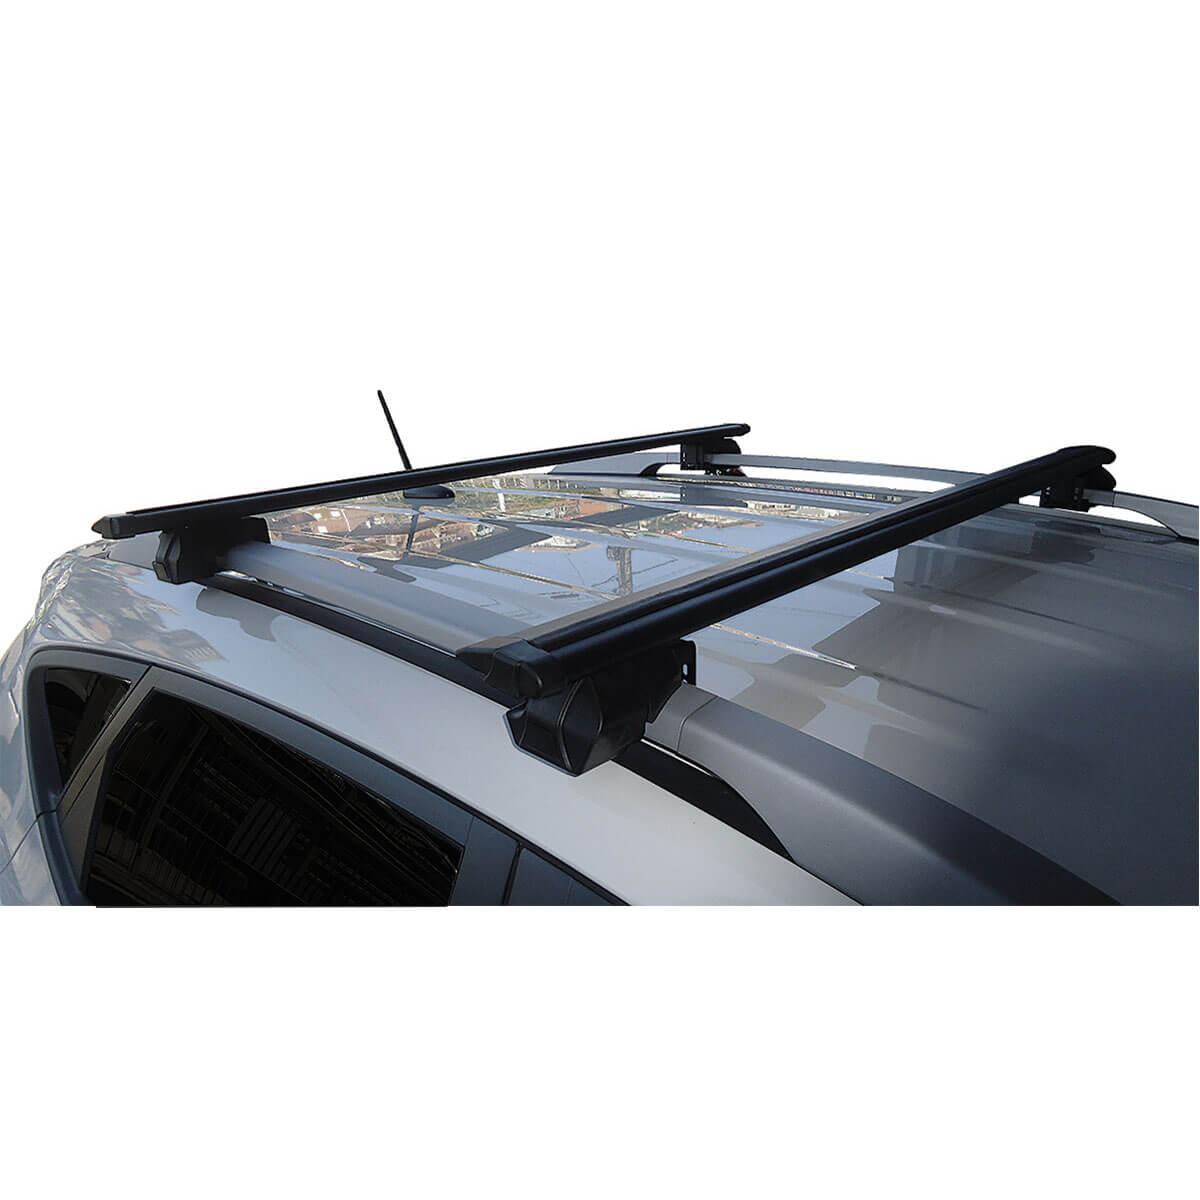 Travessa rack de teto Procargo preta RAV4 2006 a 2012 com trava de segurança